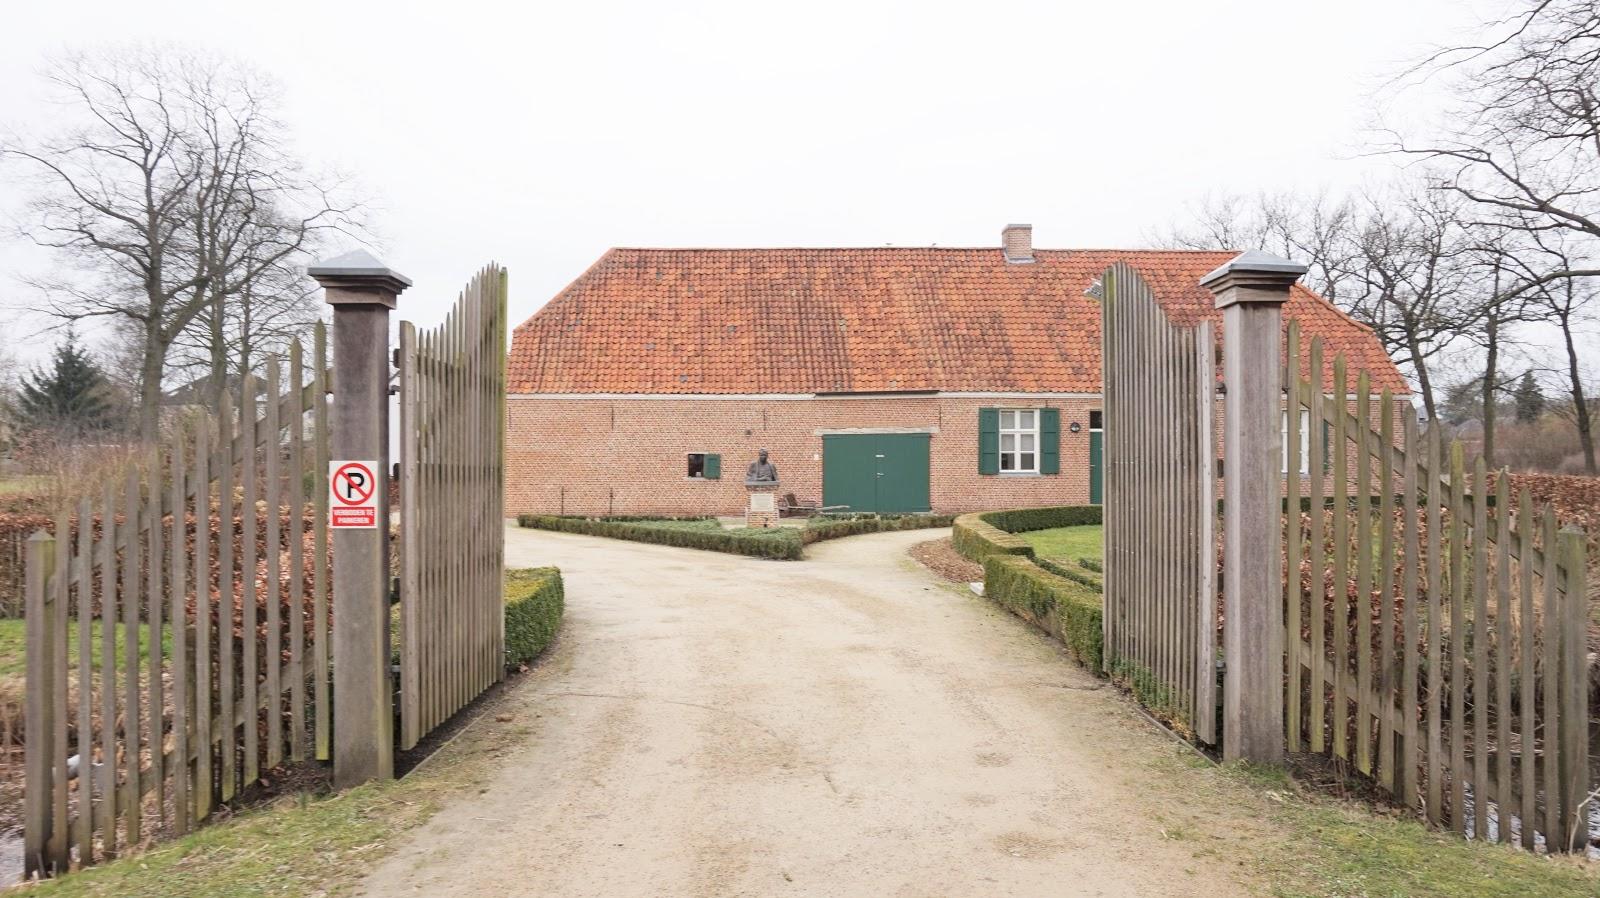 DSC04421 | Eline Van Dingenen